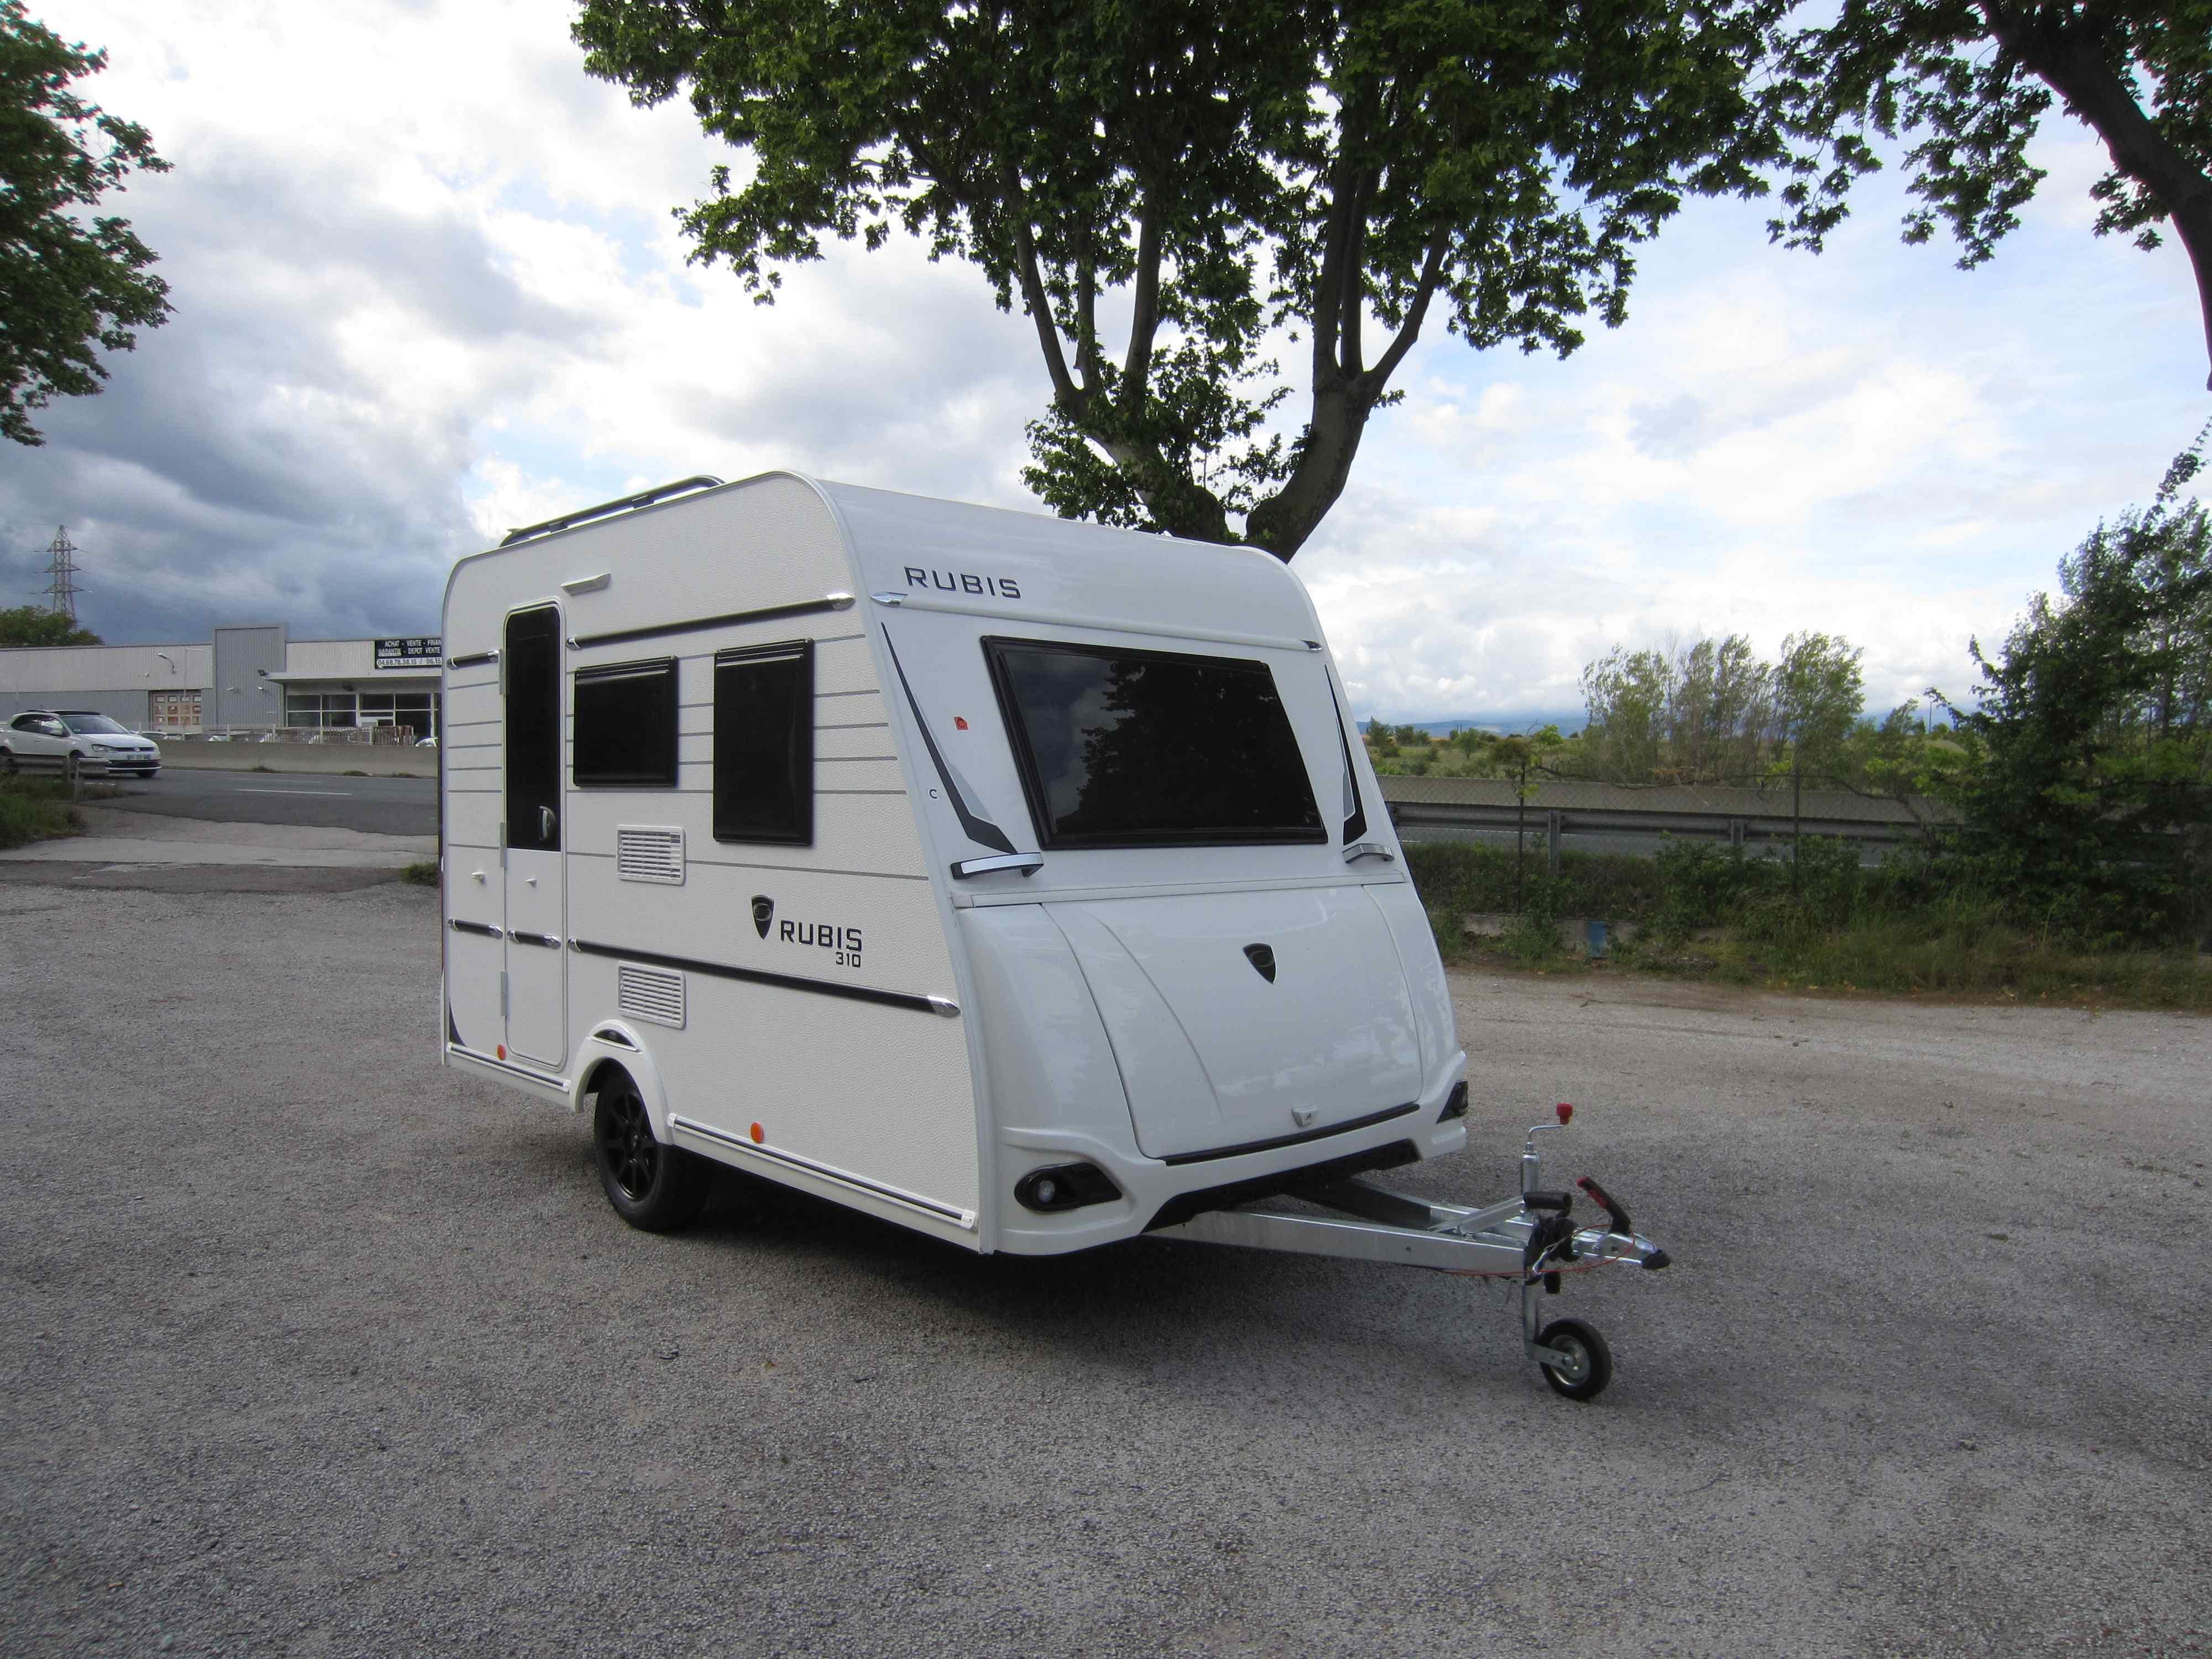 Rubis 310 modèle 2020 Fabre caravanes